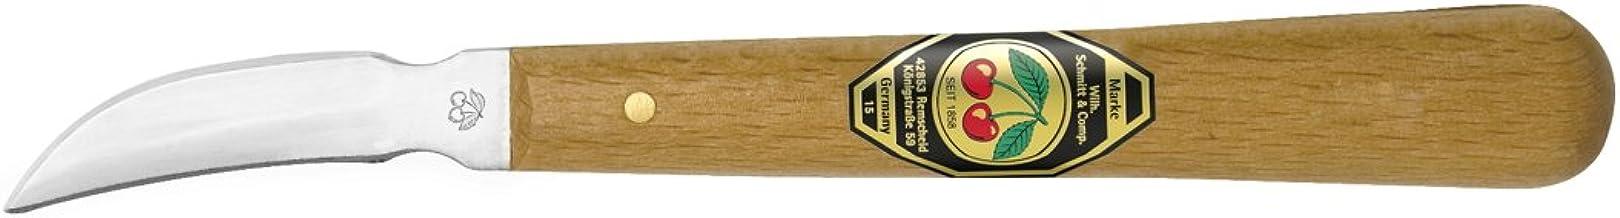 Kirschen 3353000 nóż do rzeźbienia z drewnianym uchwytem, brązowy/srebrny